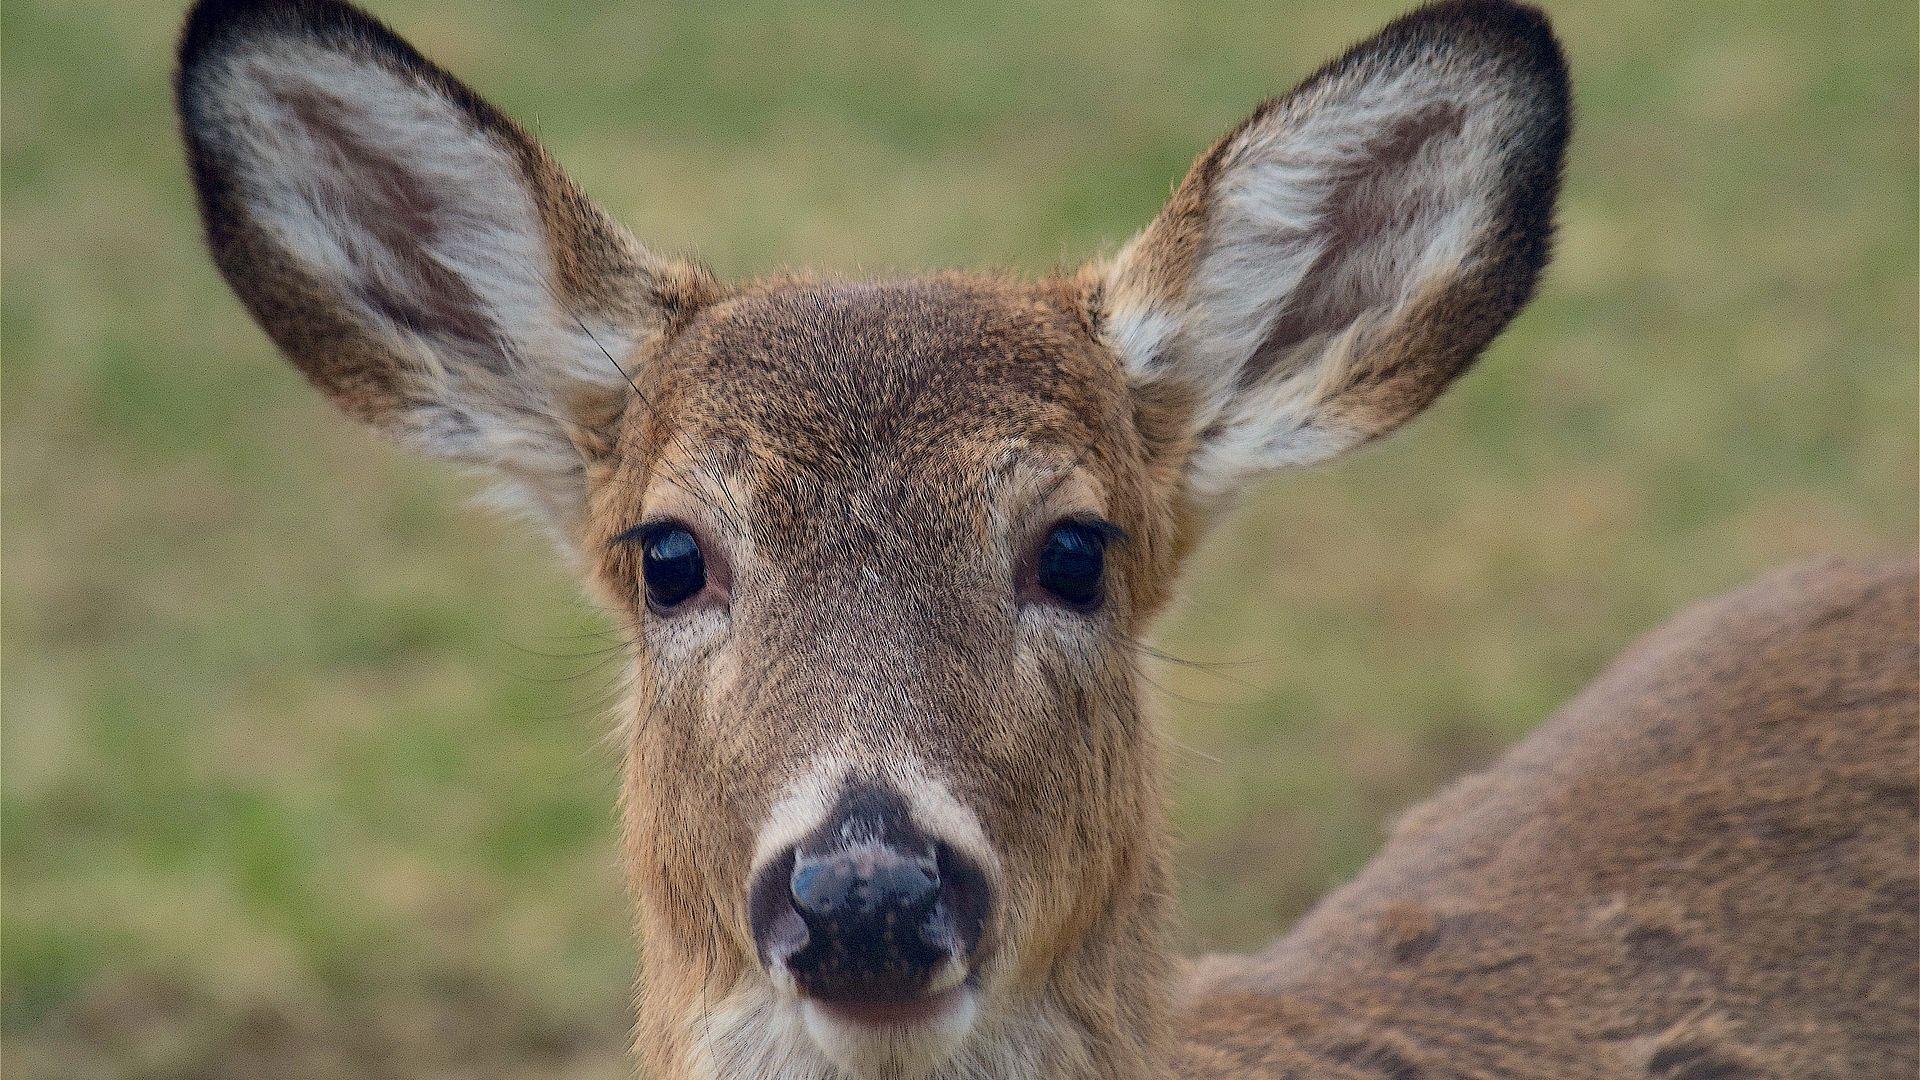 Wallpaper Deer muzzle, cute animal, wildlife